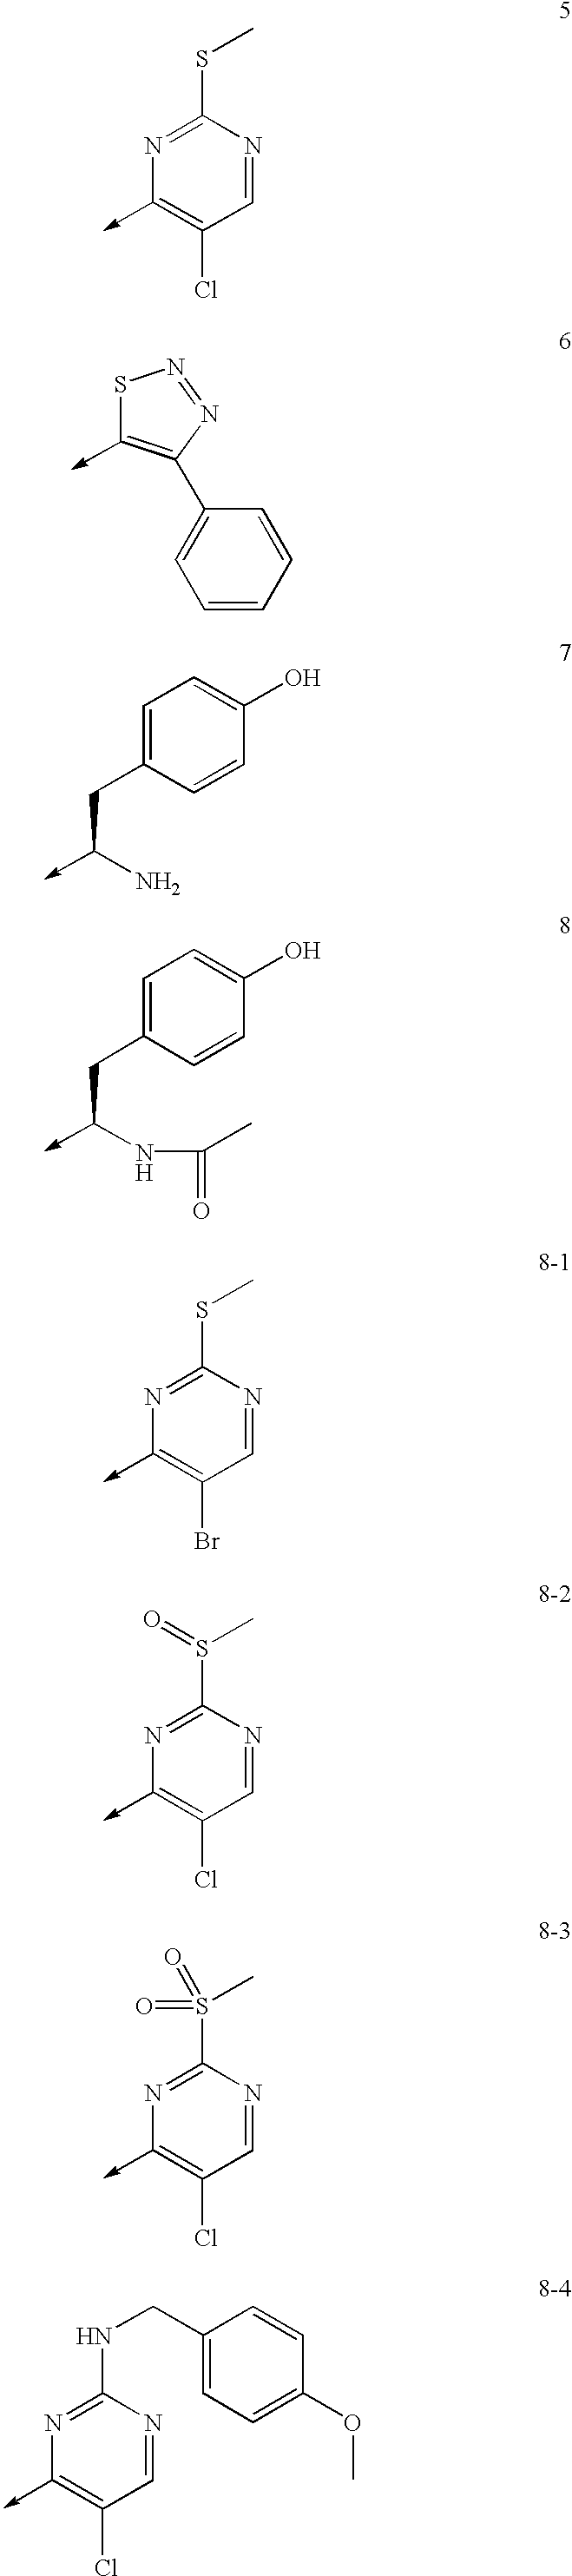 Figure US06855706-20050215-C00033